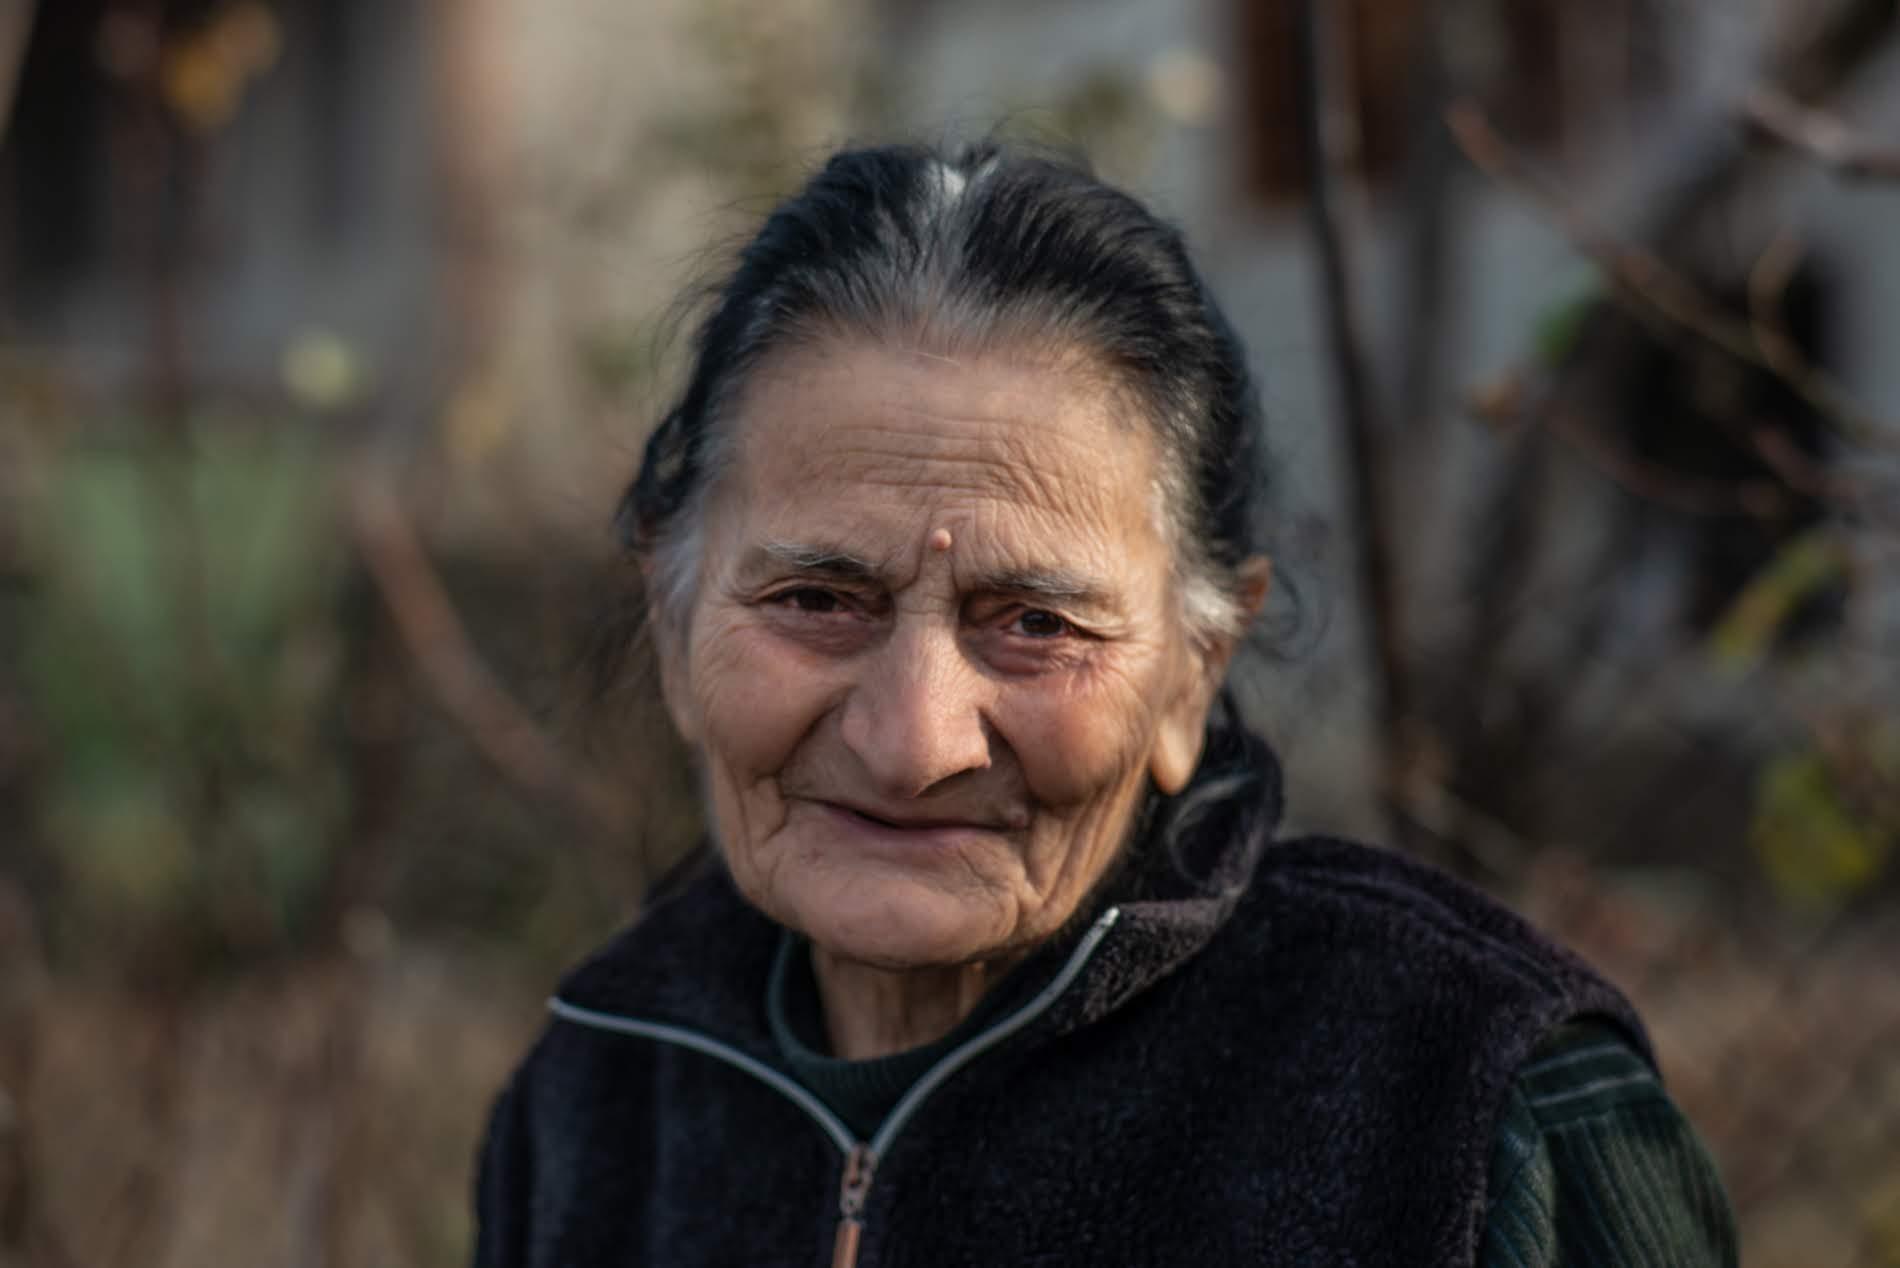 81-летняя Нуну Натенадзе была первой женщиной-пчеловодом в деревне. Она живет с Лали и помогает ей заботиться о пчёлах. Фото: Тамуна Чкареули / OC Media